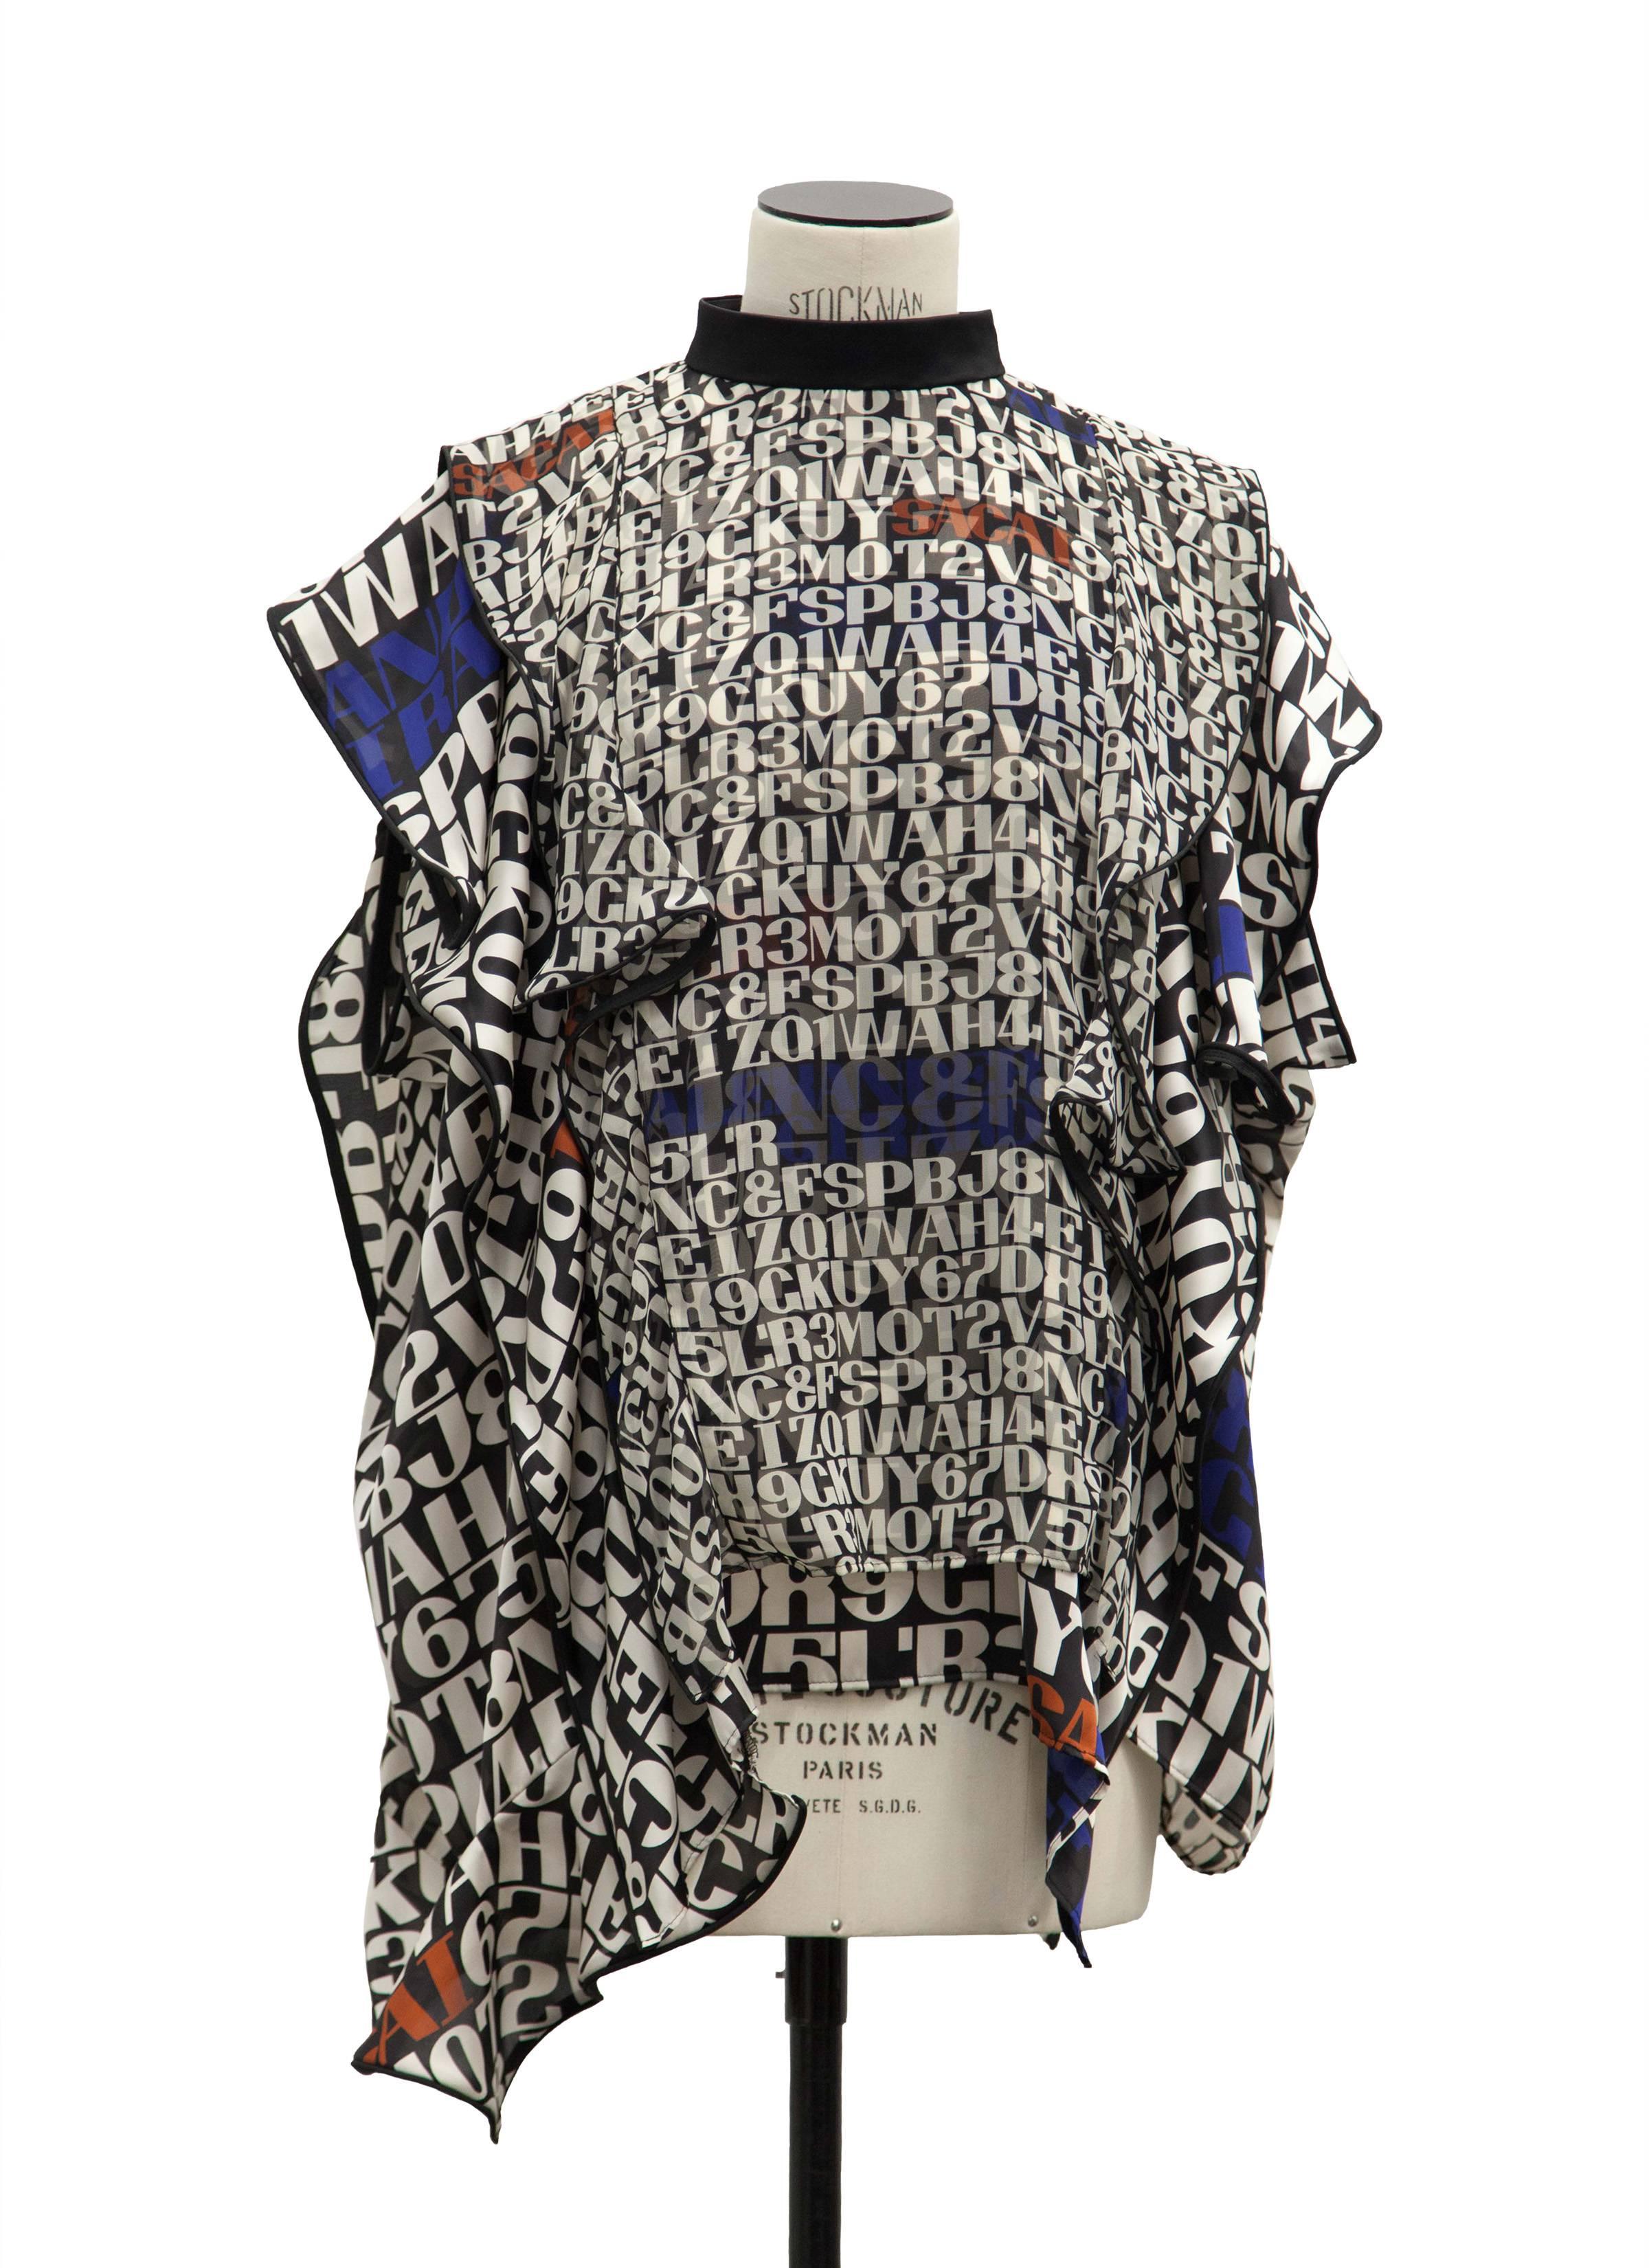 芸能人が火曜サプライズで着用した衣装シャツ / ブラウス